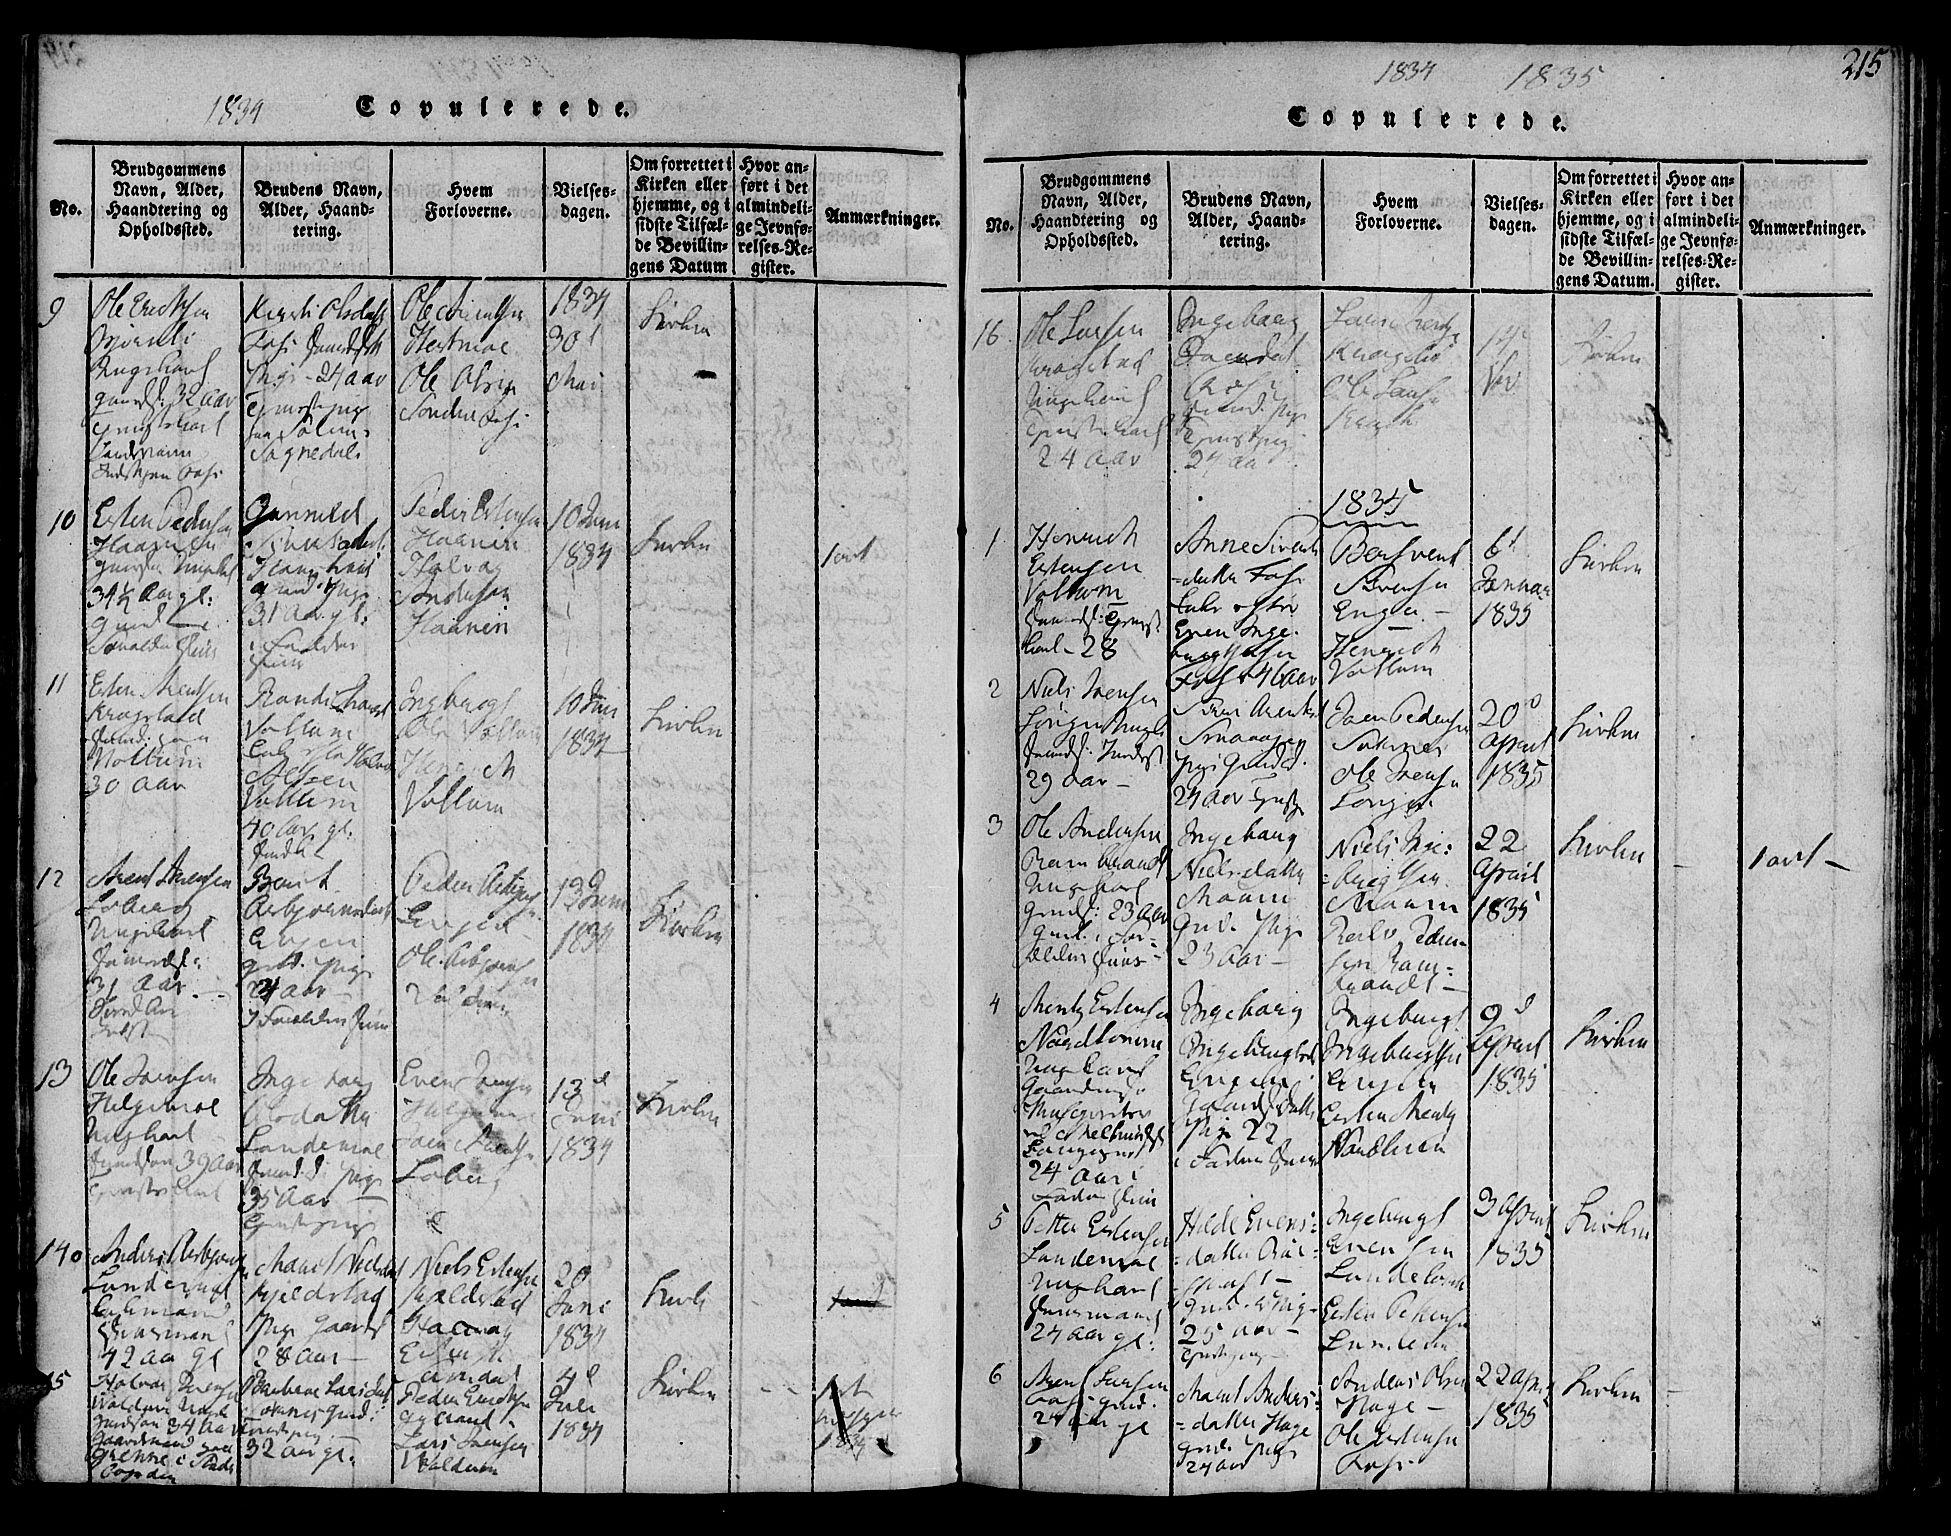 SAT, Ministerialprotokoller, klokkerbøker og fødselsregistre - Sør-Trøndelag, 692/L1102: Ministerialbok nr. 692A02, 1816-1842, s. 215